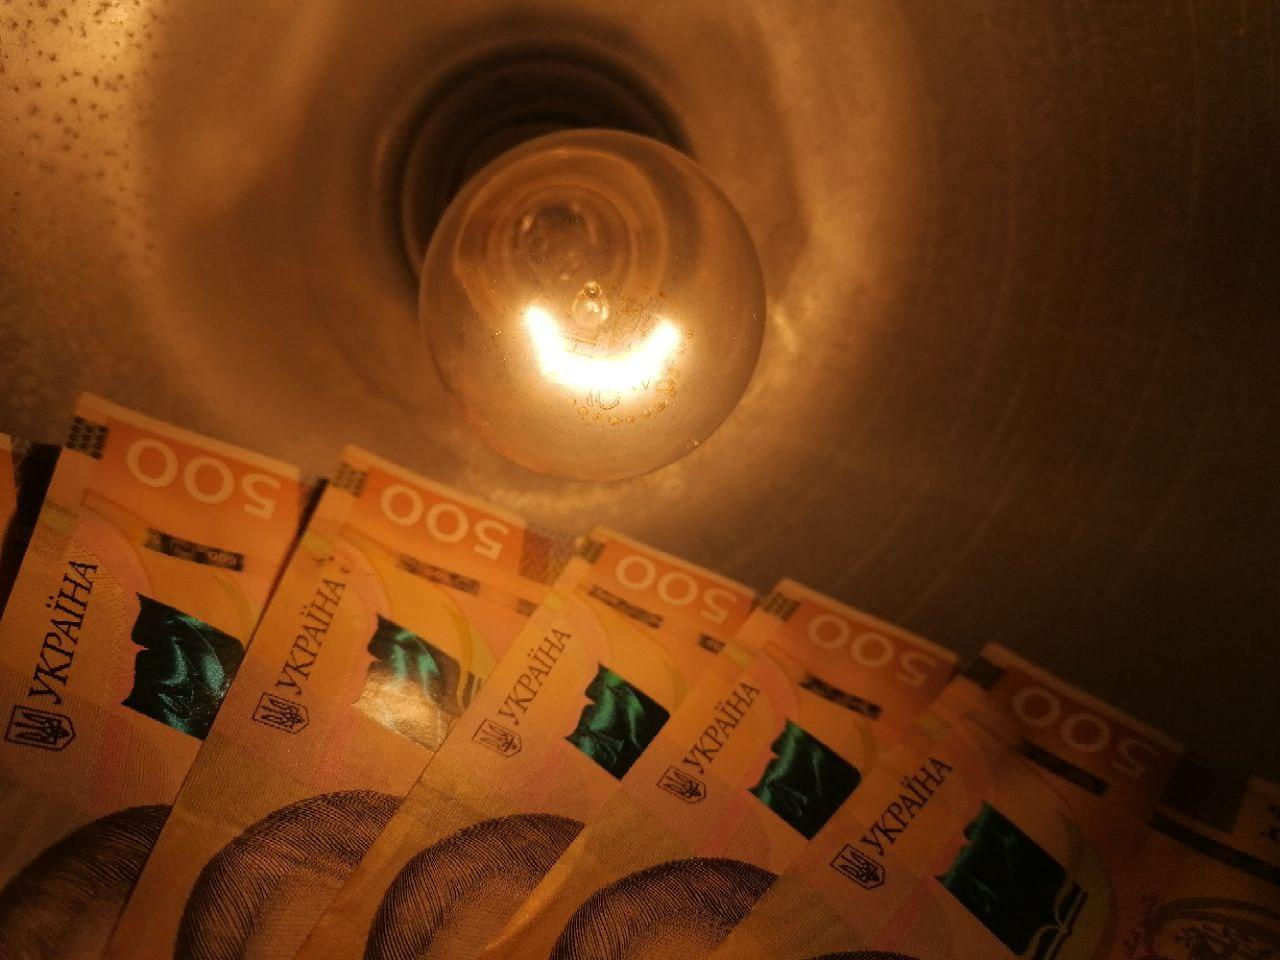 Полтавці не платитимуть за електроенергію з 1 серпня за збільшеним тарифом